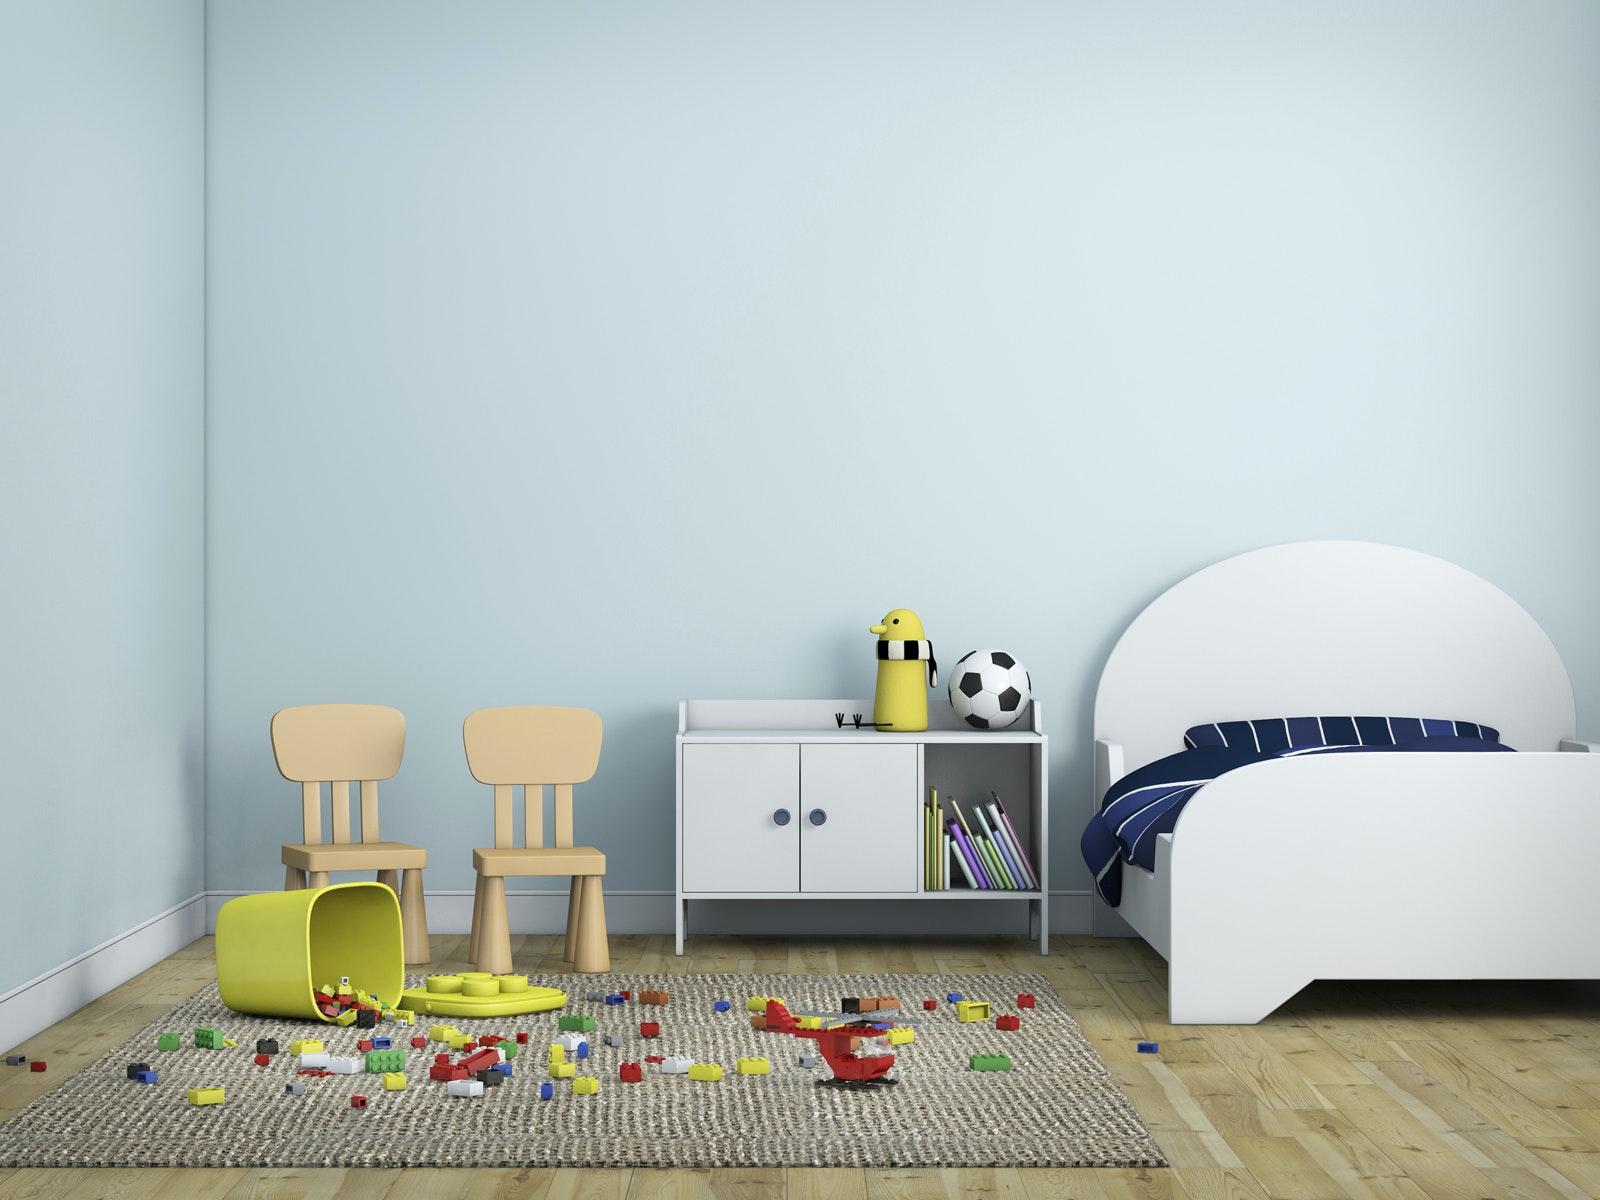 Chambre Du0027enfants : Décorer Cet Espace De Vie Harmonieusement|parents.fr |  PARENTS.fr